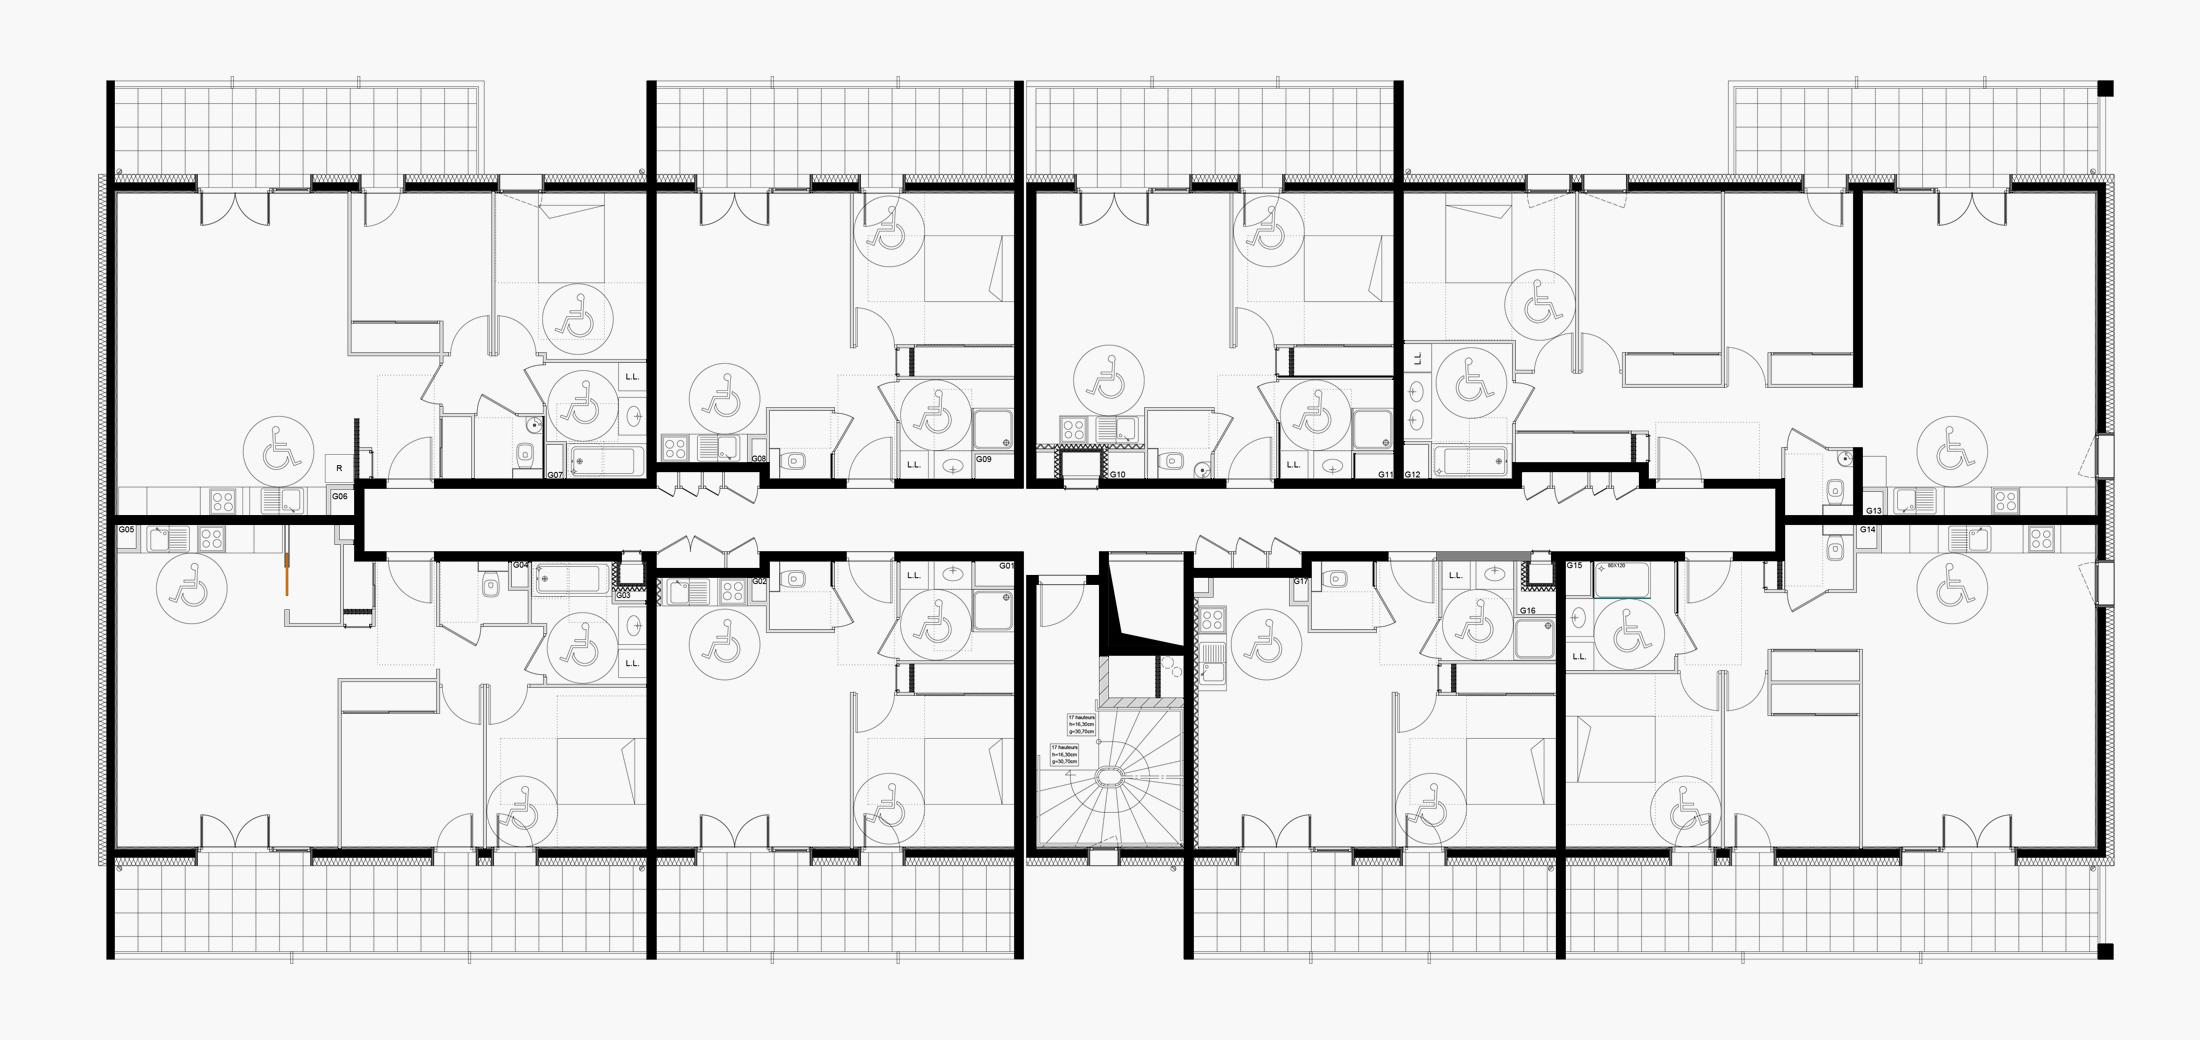 Dessinateur batiment et architecture - Plans techniques - Savoie Plan